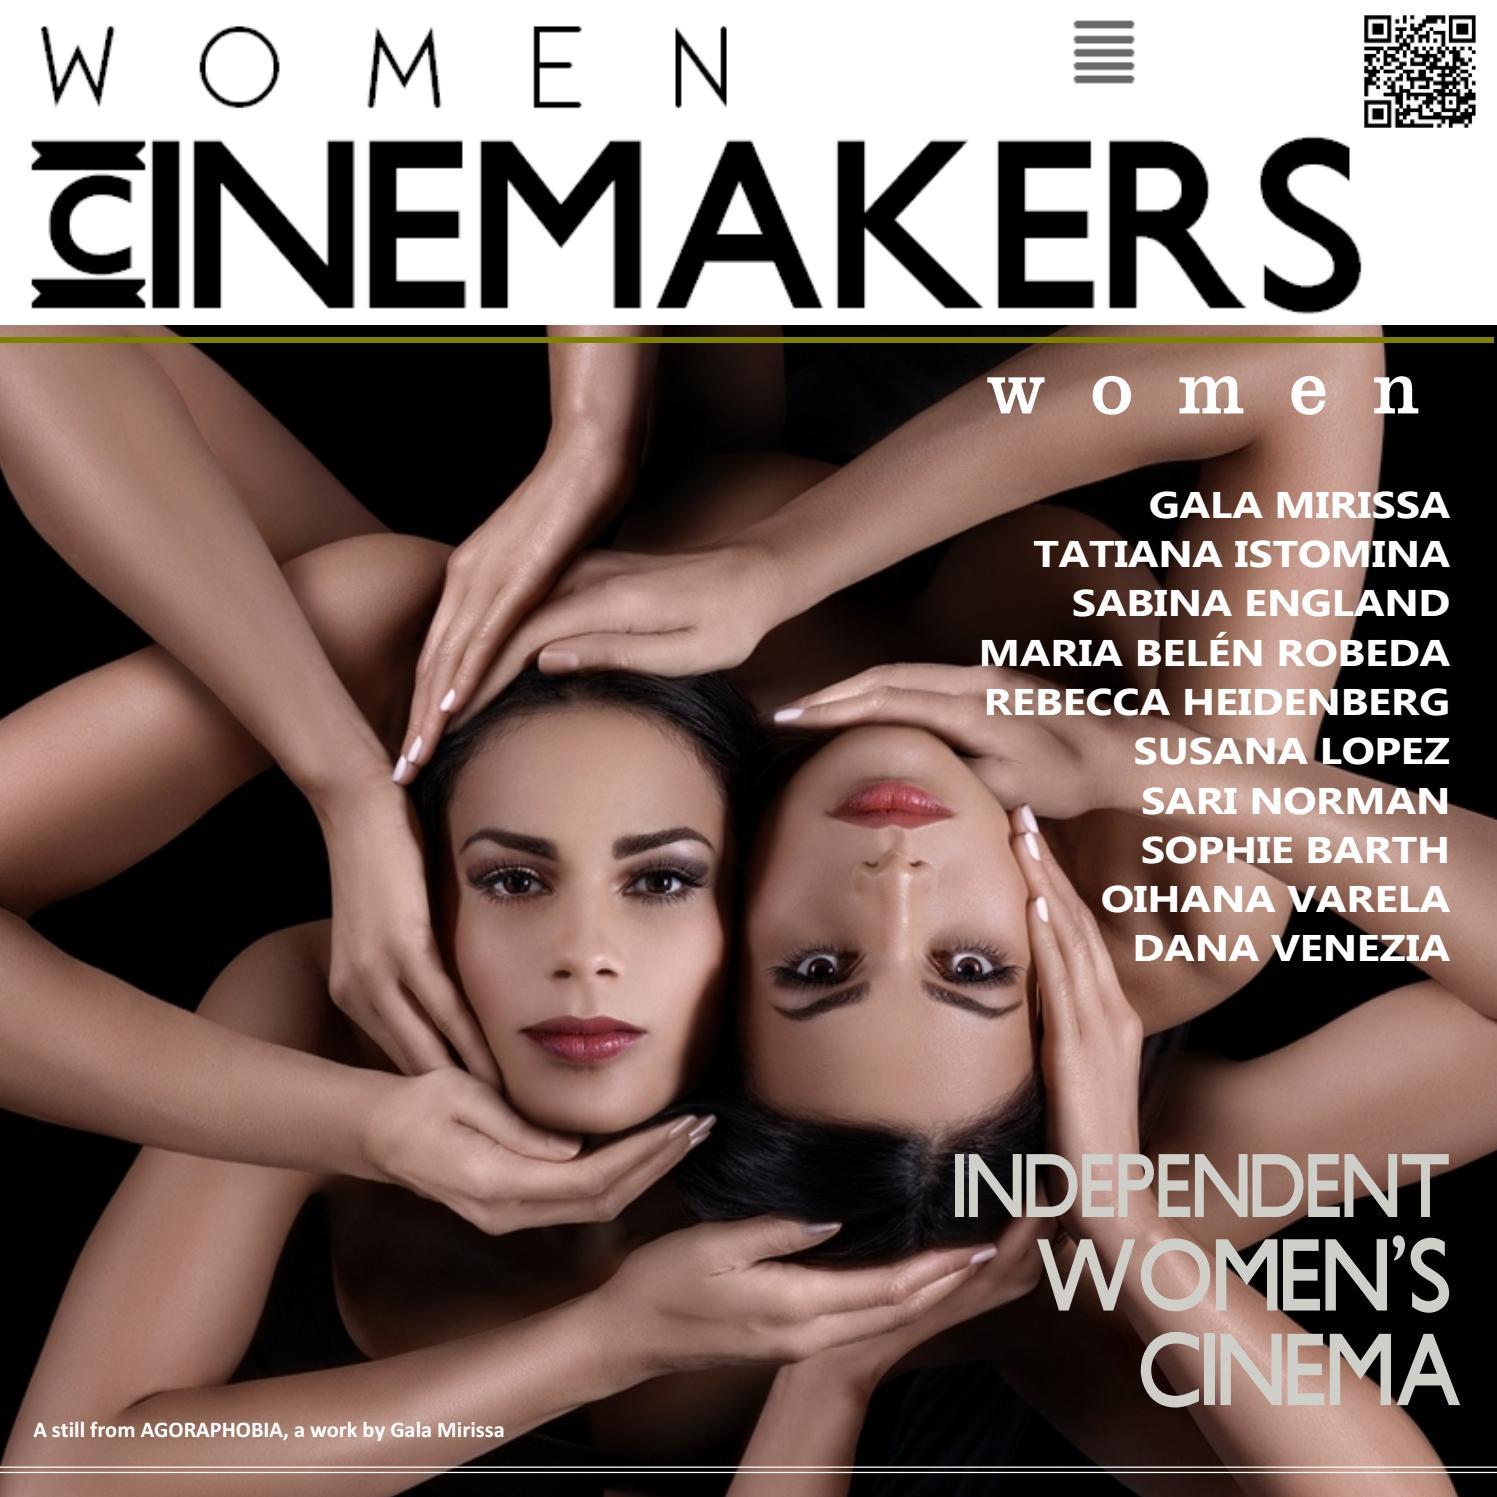 Ana Belen Nude womencinemakers, special edition, vol.14womencinemakers